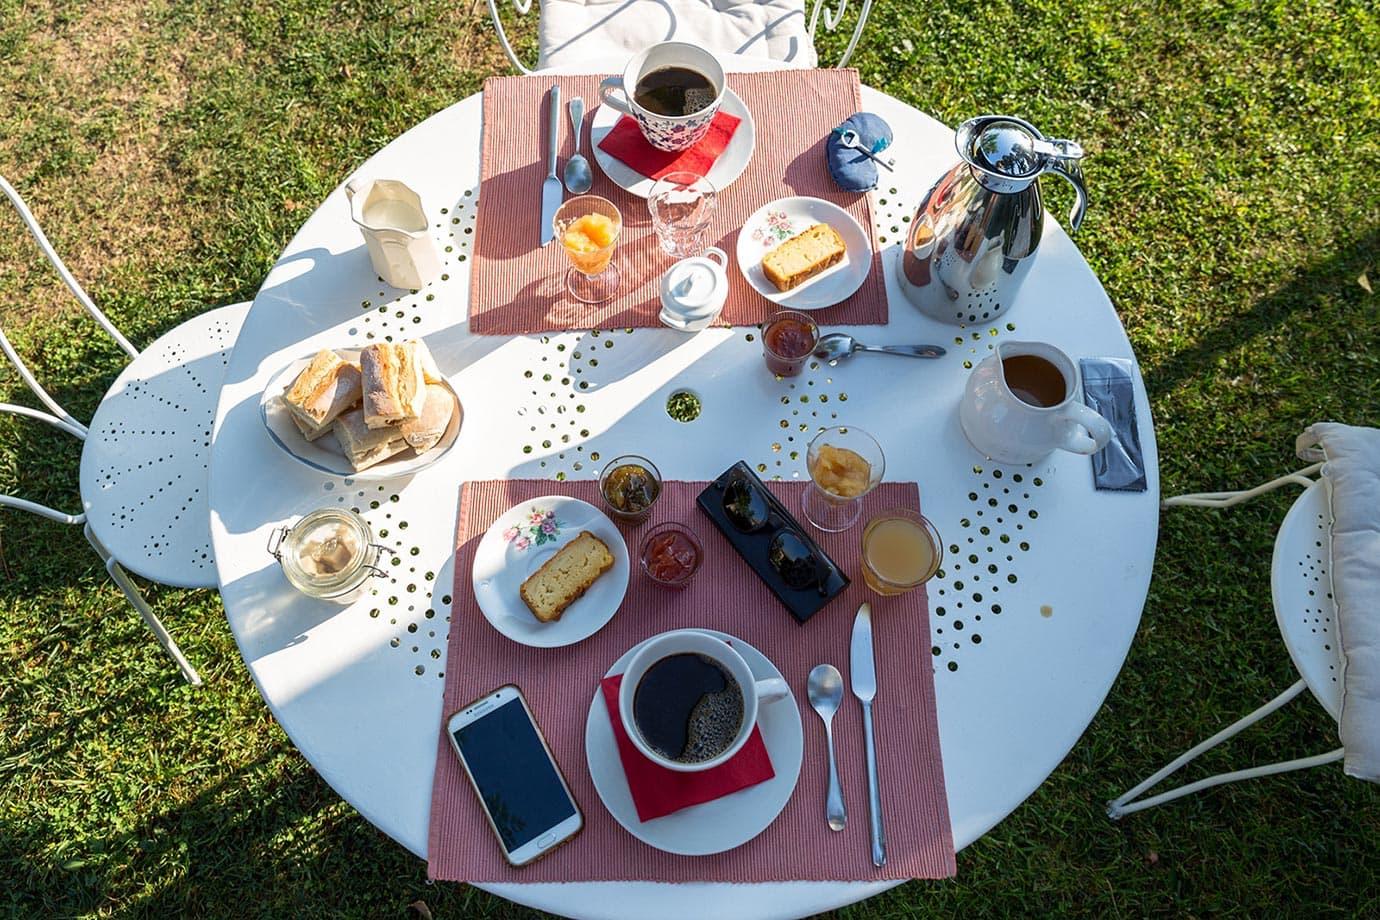 Breakfast at Le Coeurisier